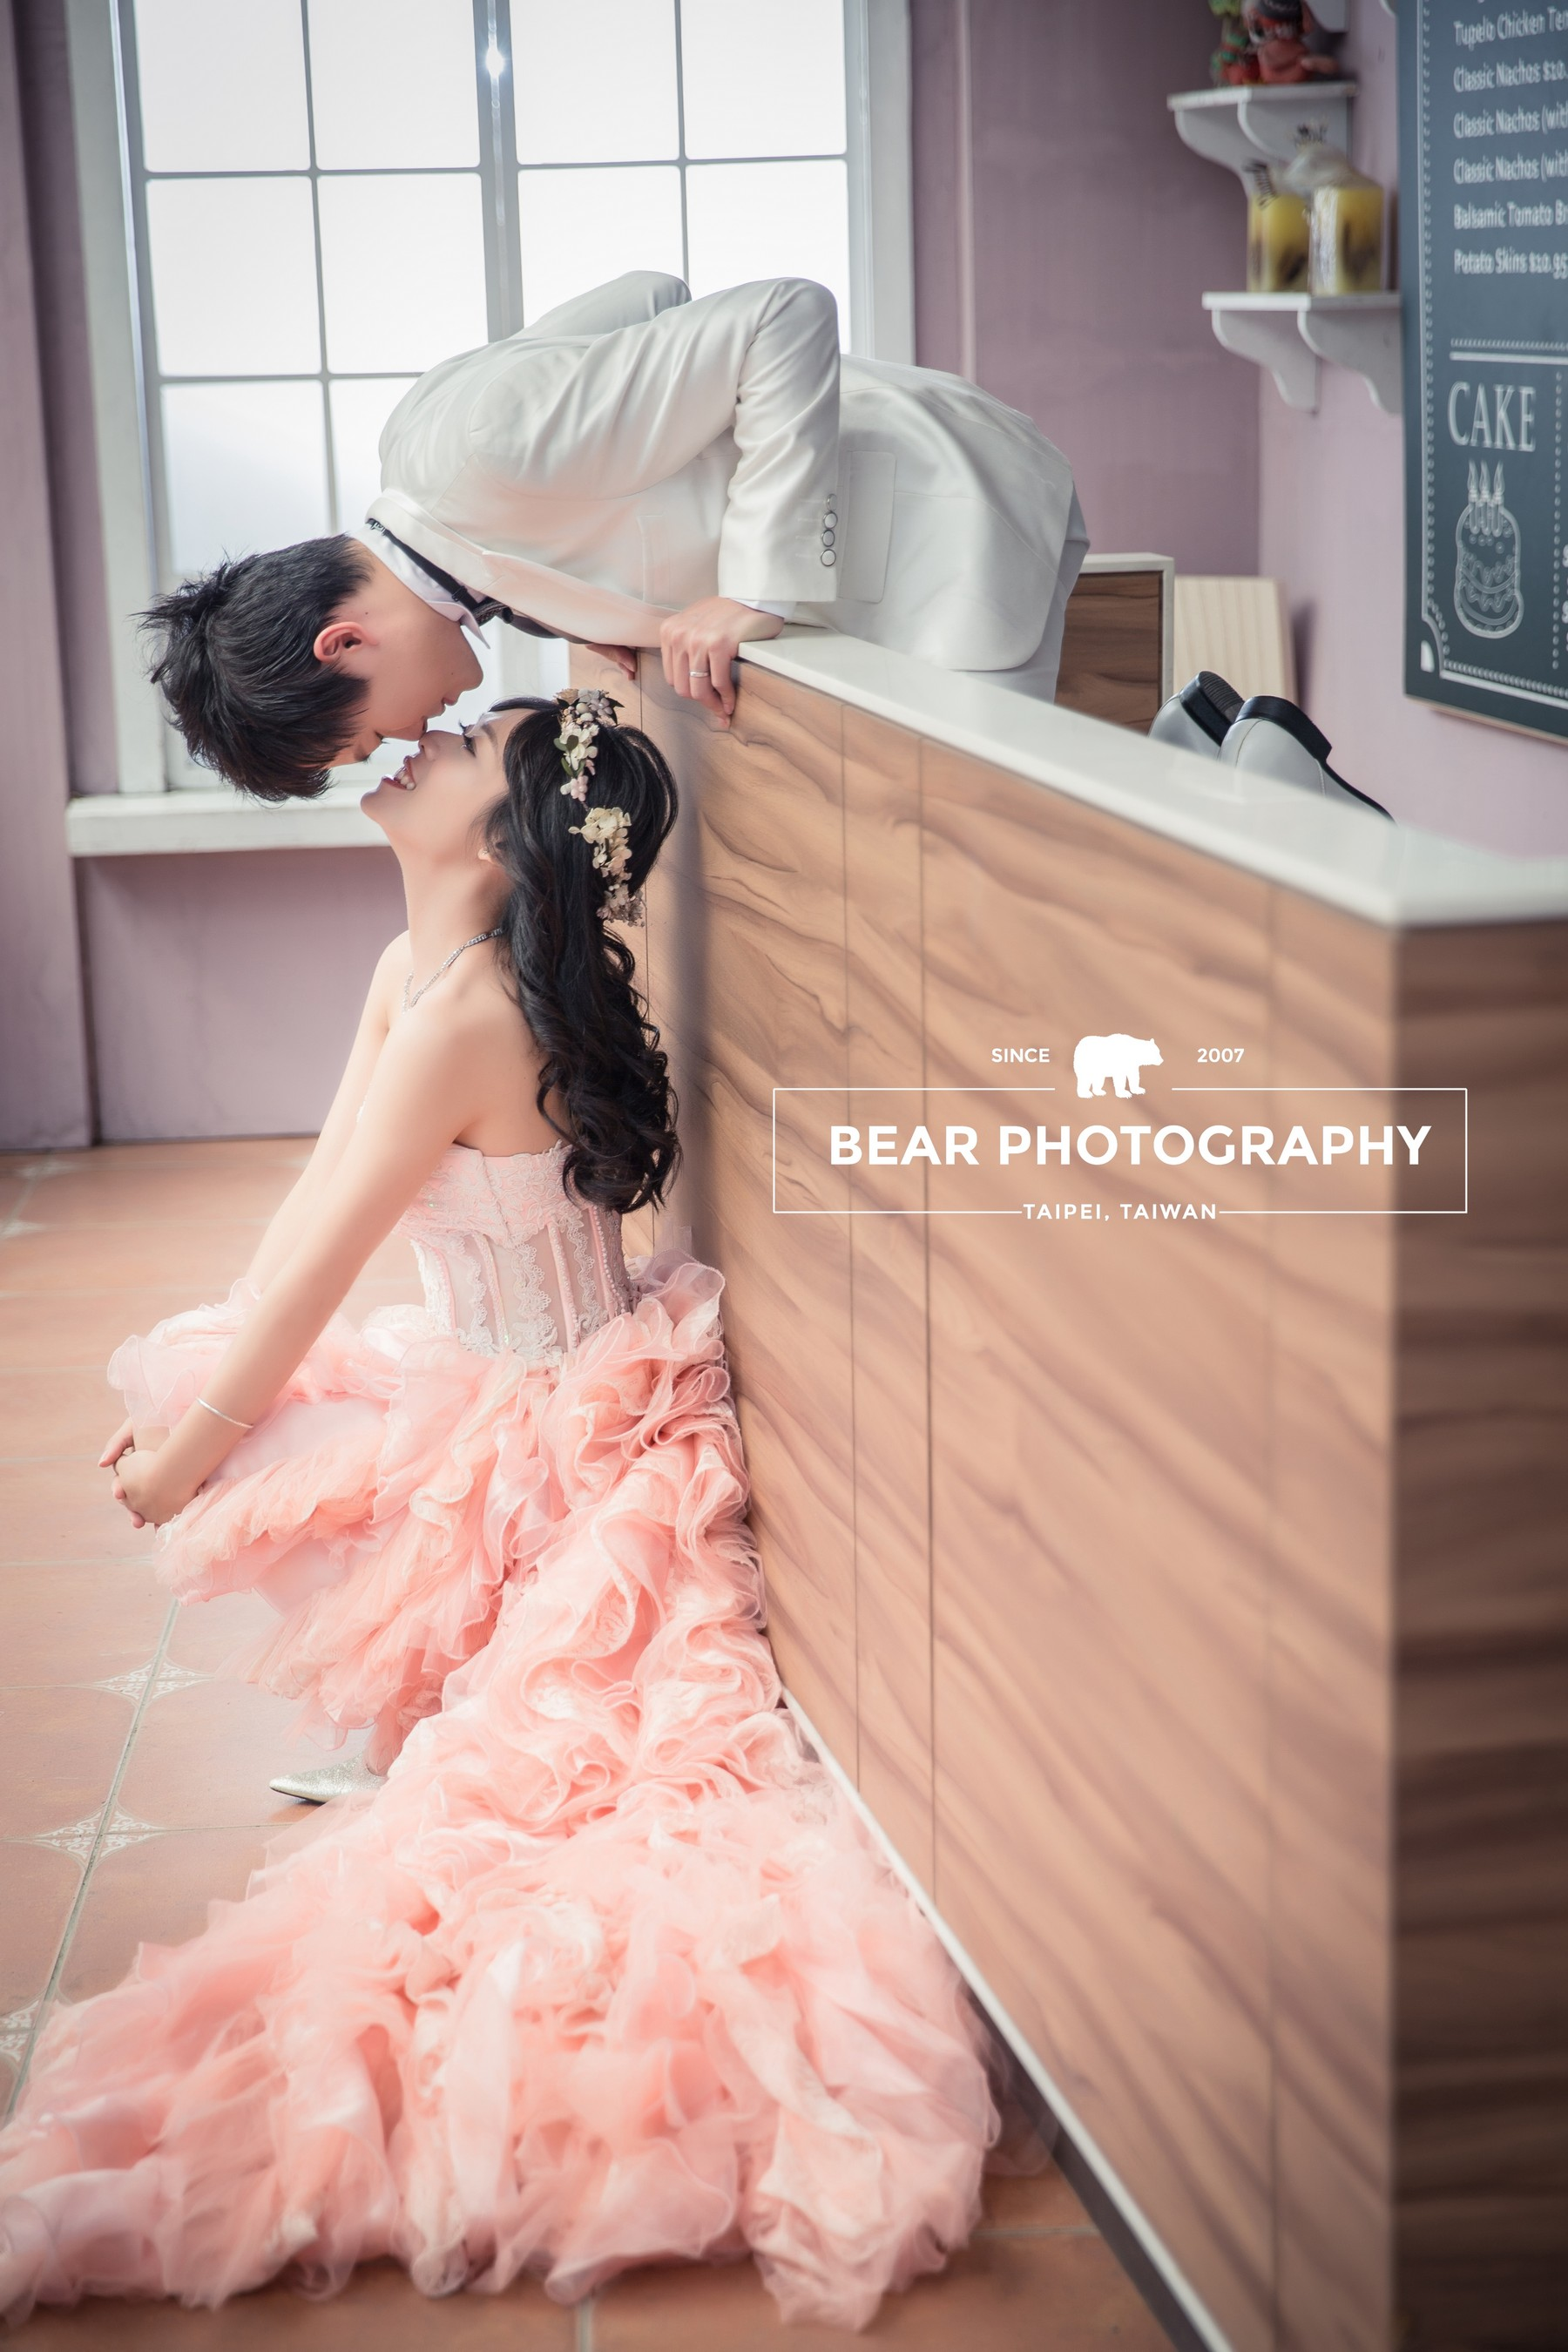 婚紗攝影,自主婚紗,婚紗照,婚紗照風格,婚紗攝影推薦,婚紗照 姿勢